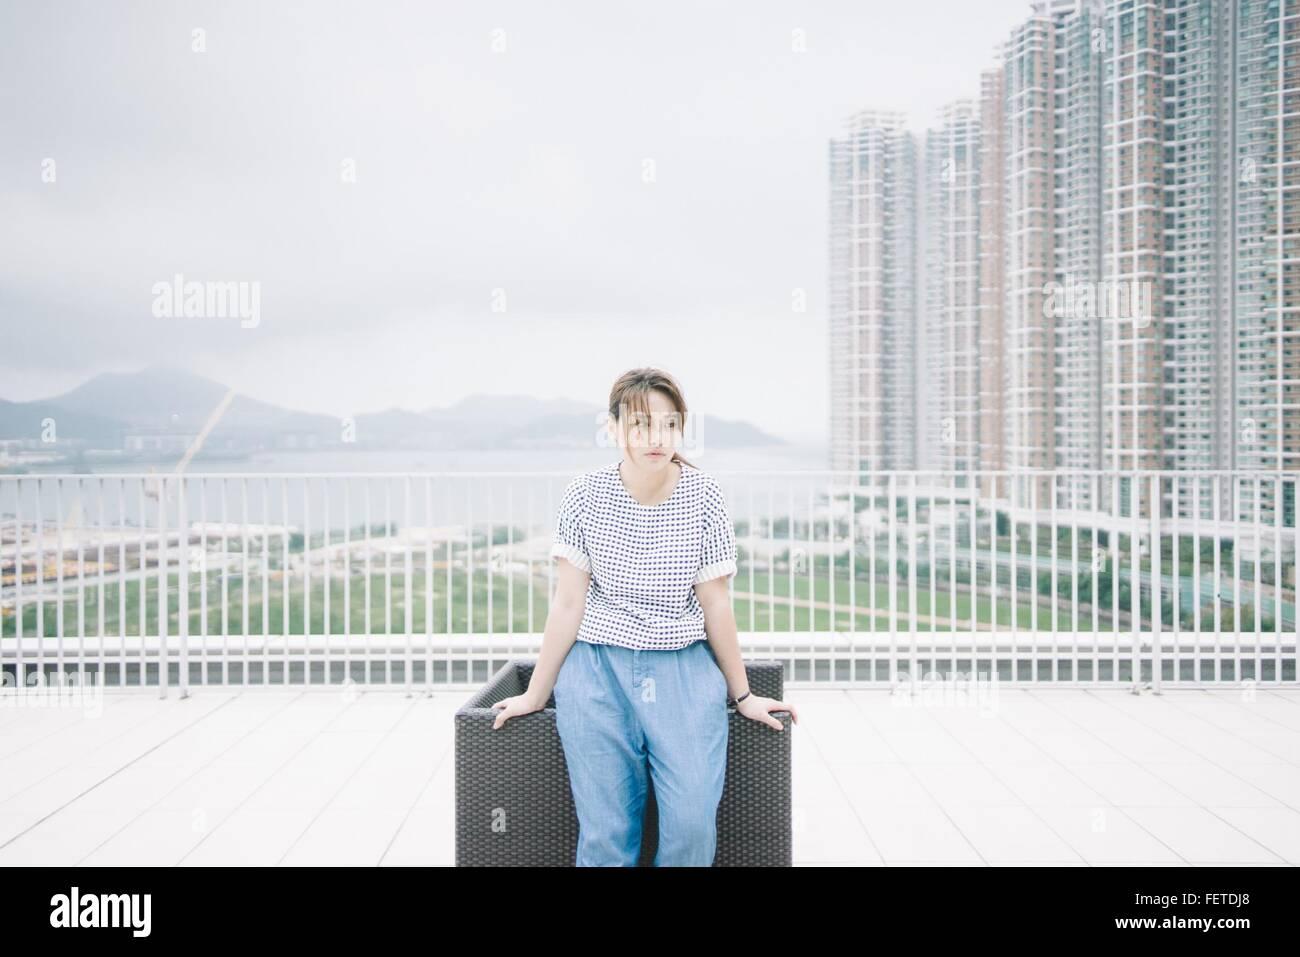 Thoughtful Woman Leaning par chaise contre des immeubles modernes Photo Stock